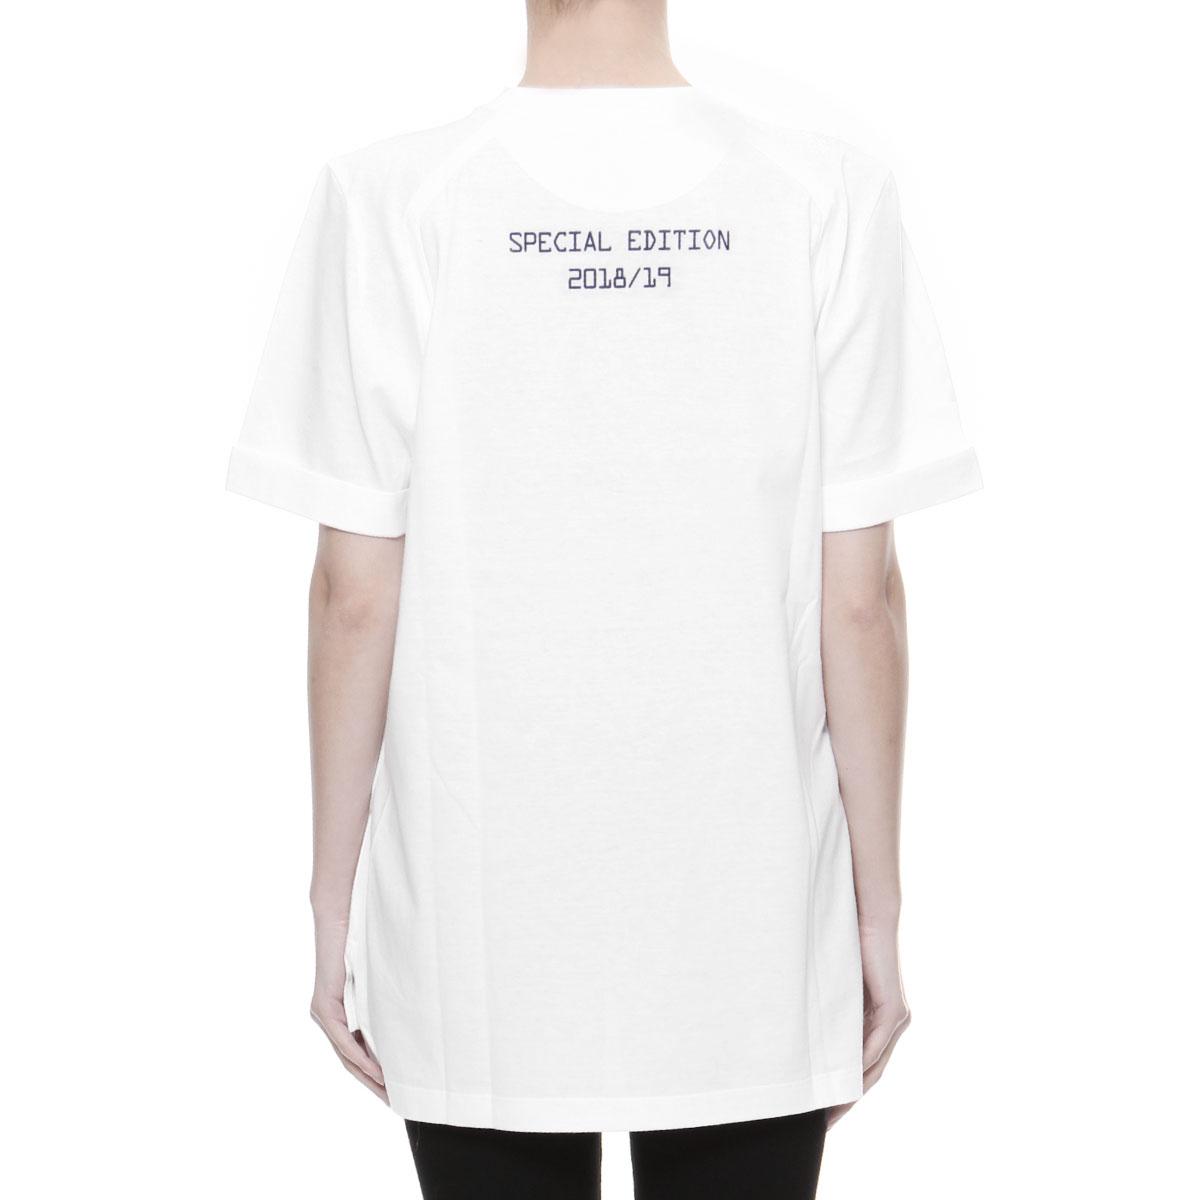 14210821 ... Fendi FENDI T-shirt Lady's FS7074 A5H1 F0ZNM short sleeves T-shirt  WHITE white ...